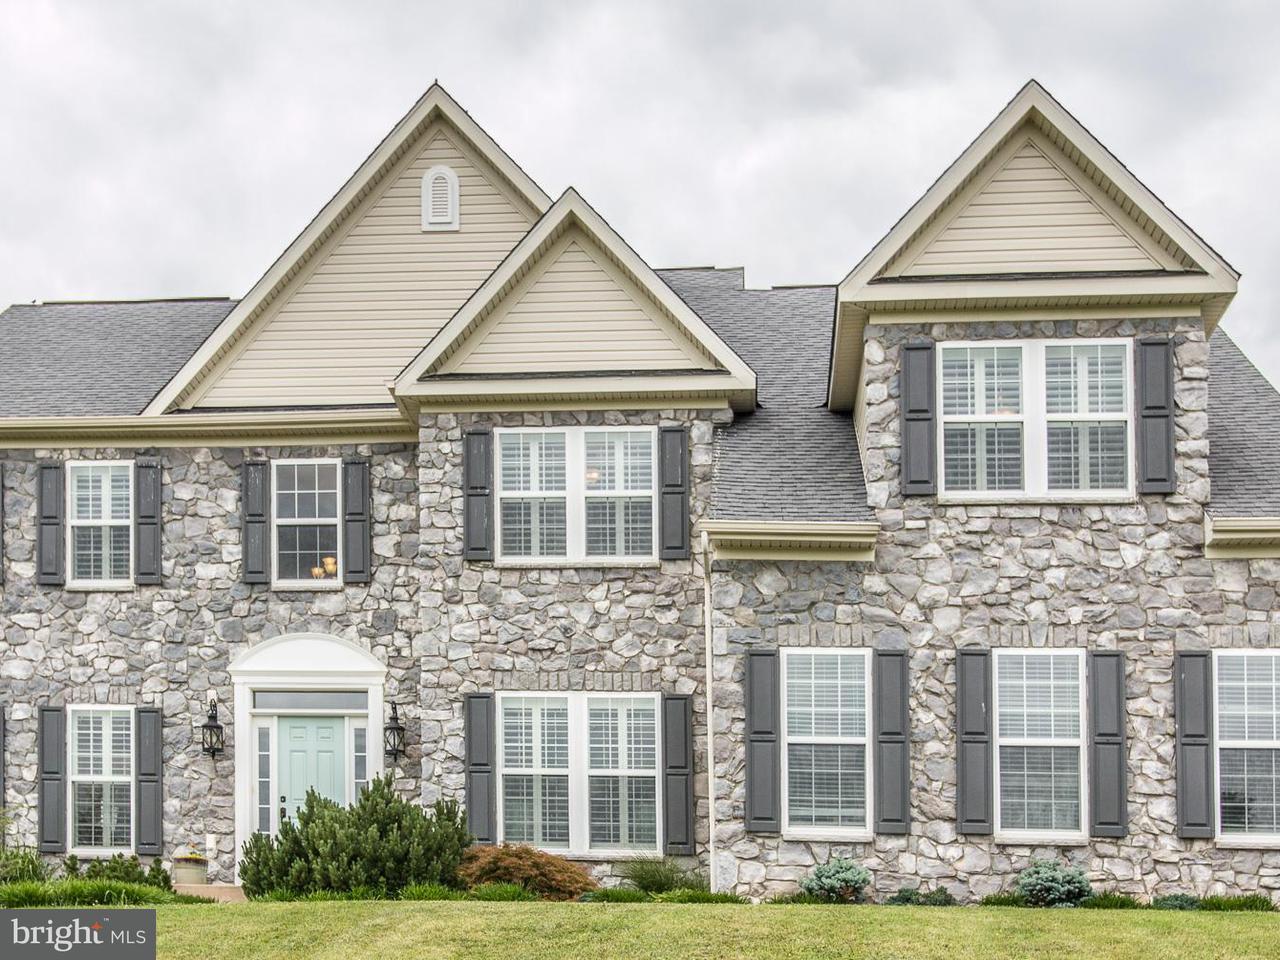 一戸建て のために 売買 アット 25 Planters Street 25 Planters Street Hedgesville, ウェストバージニア 25427 アメリカ合衆国